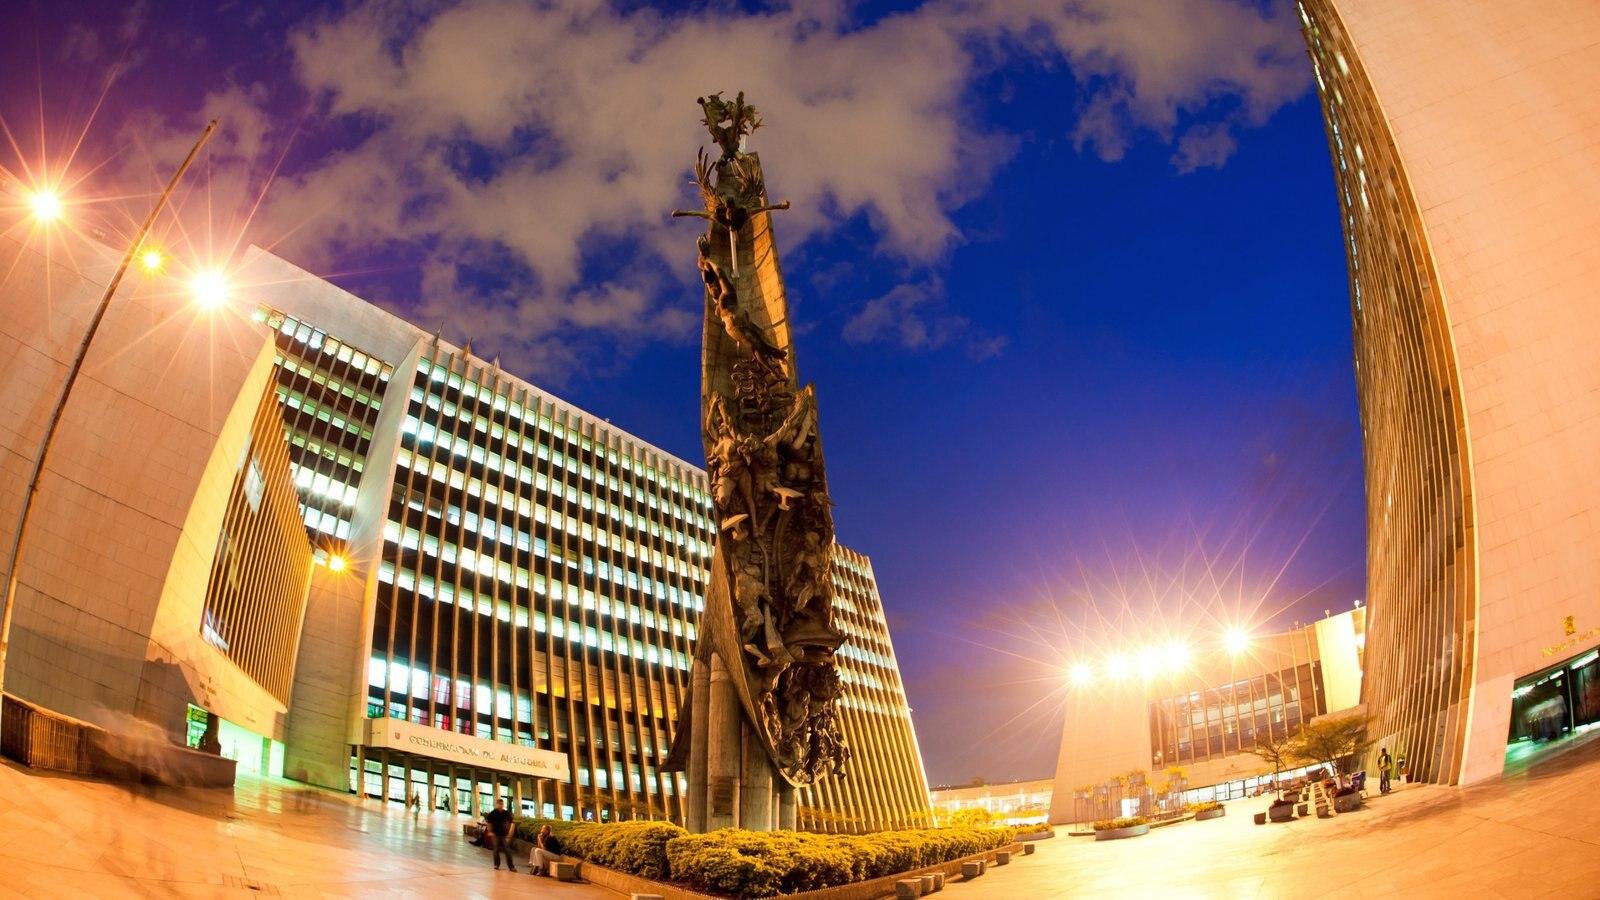 Medellín caracterizando uma praça ou plaza, uma estátua ou escultura e cenas noturnas